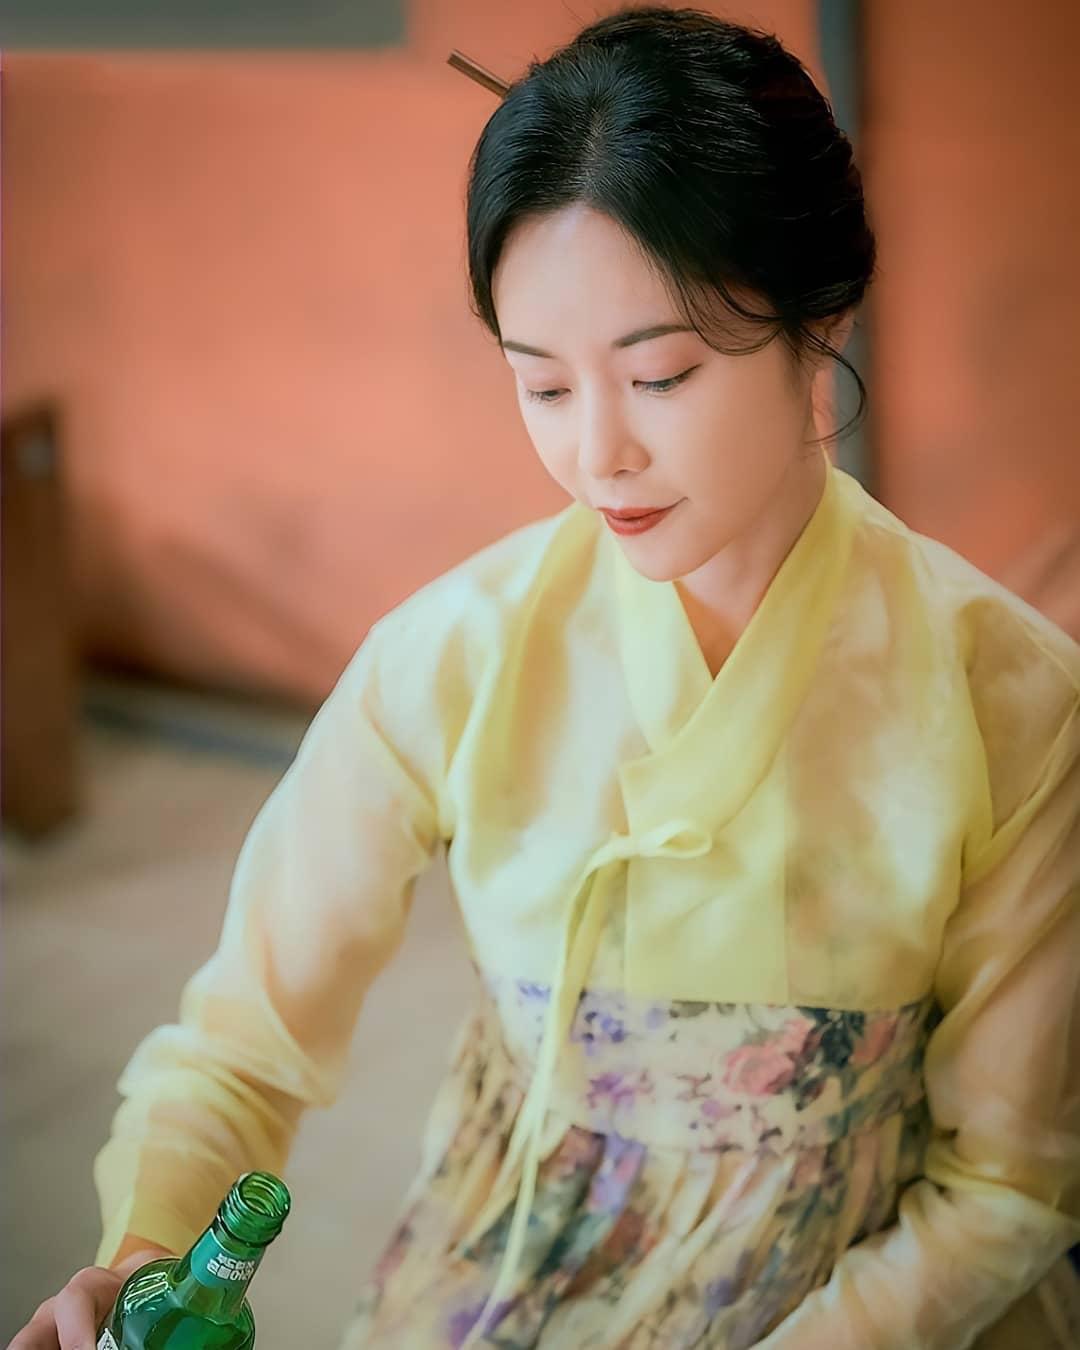 Phim mới củaHwang Jung Eum:Quán rượu di động bí ẩn